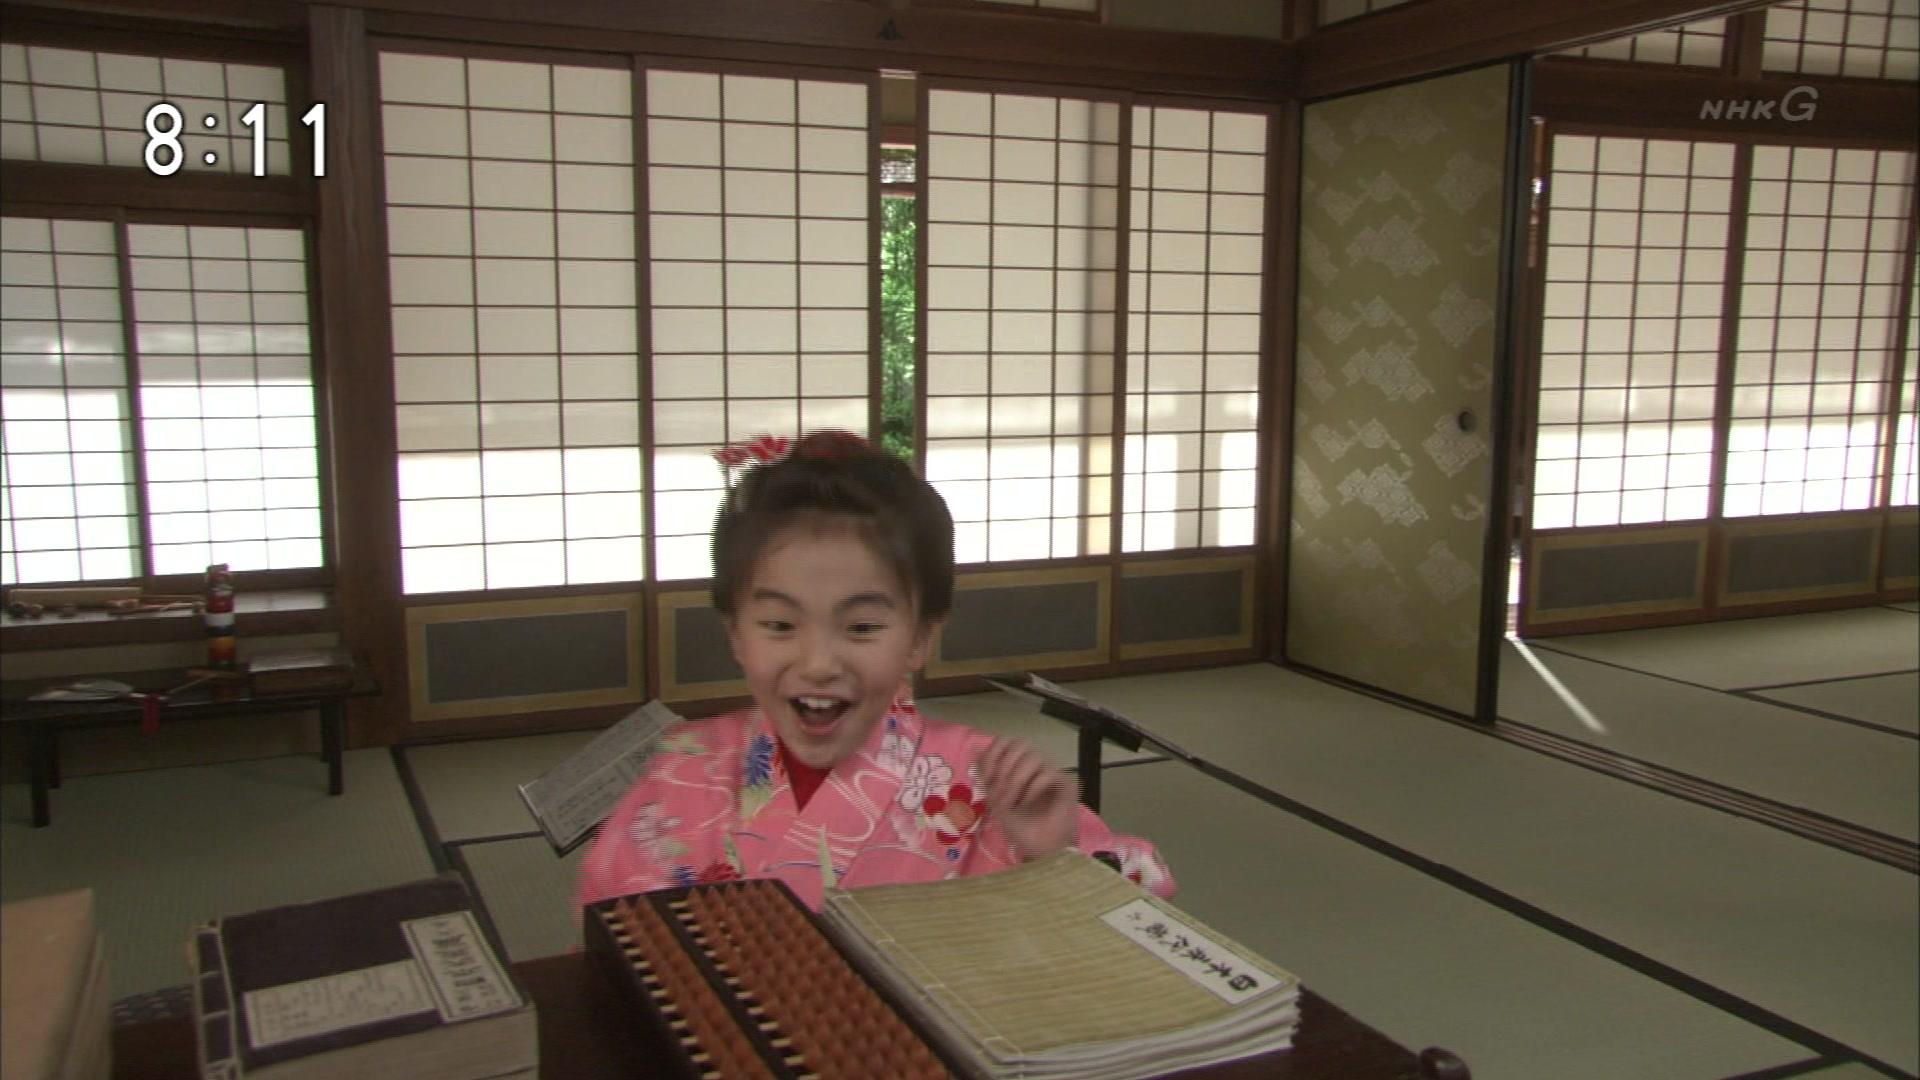 2015-09-28 08:00 連続テレビ小説 あさが来た(1)「小さな許嫁(いいなずけ)」 21532